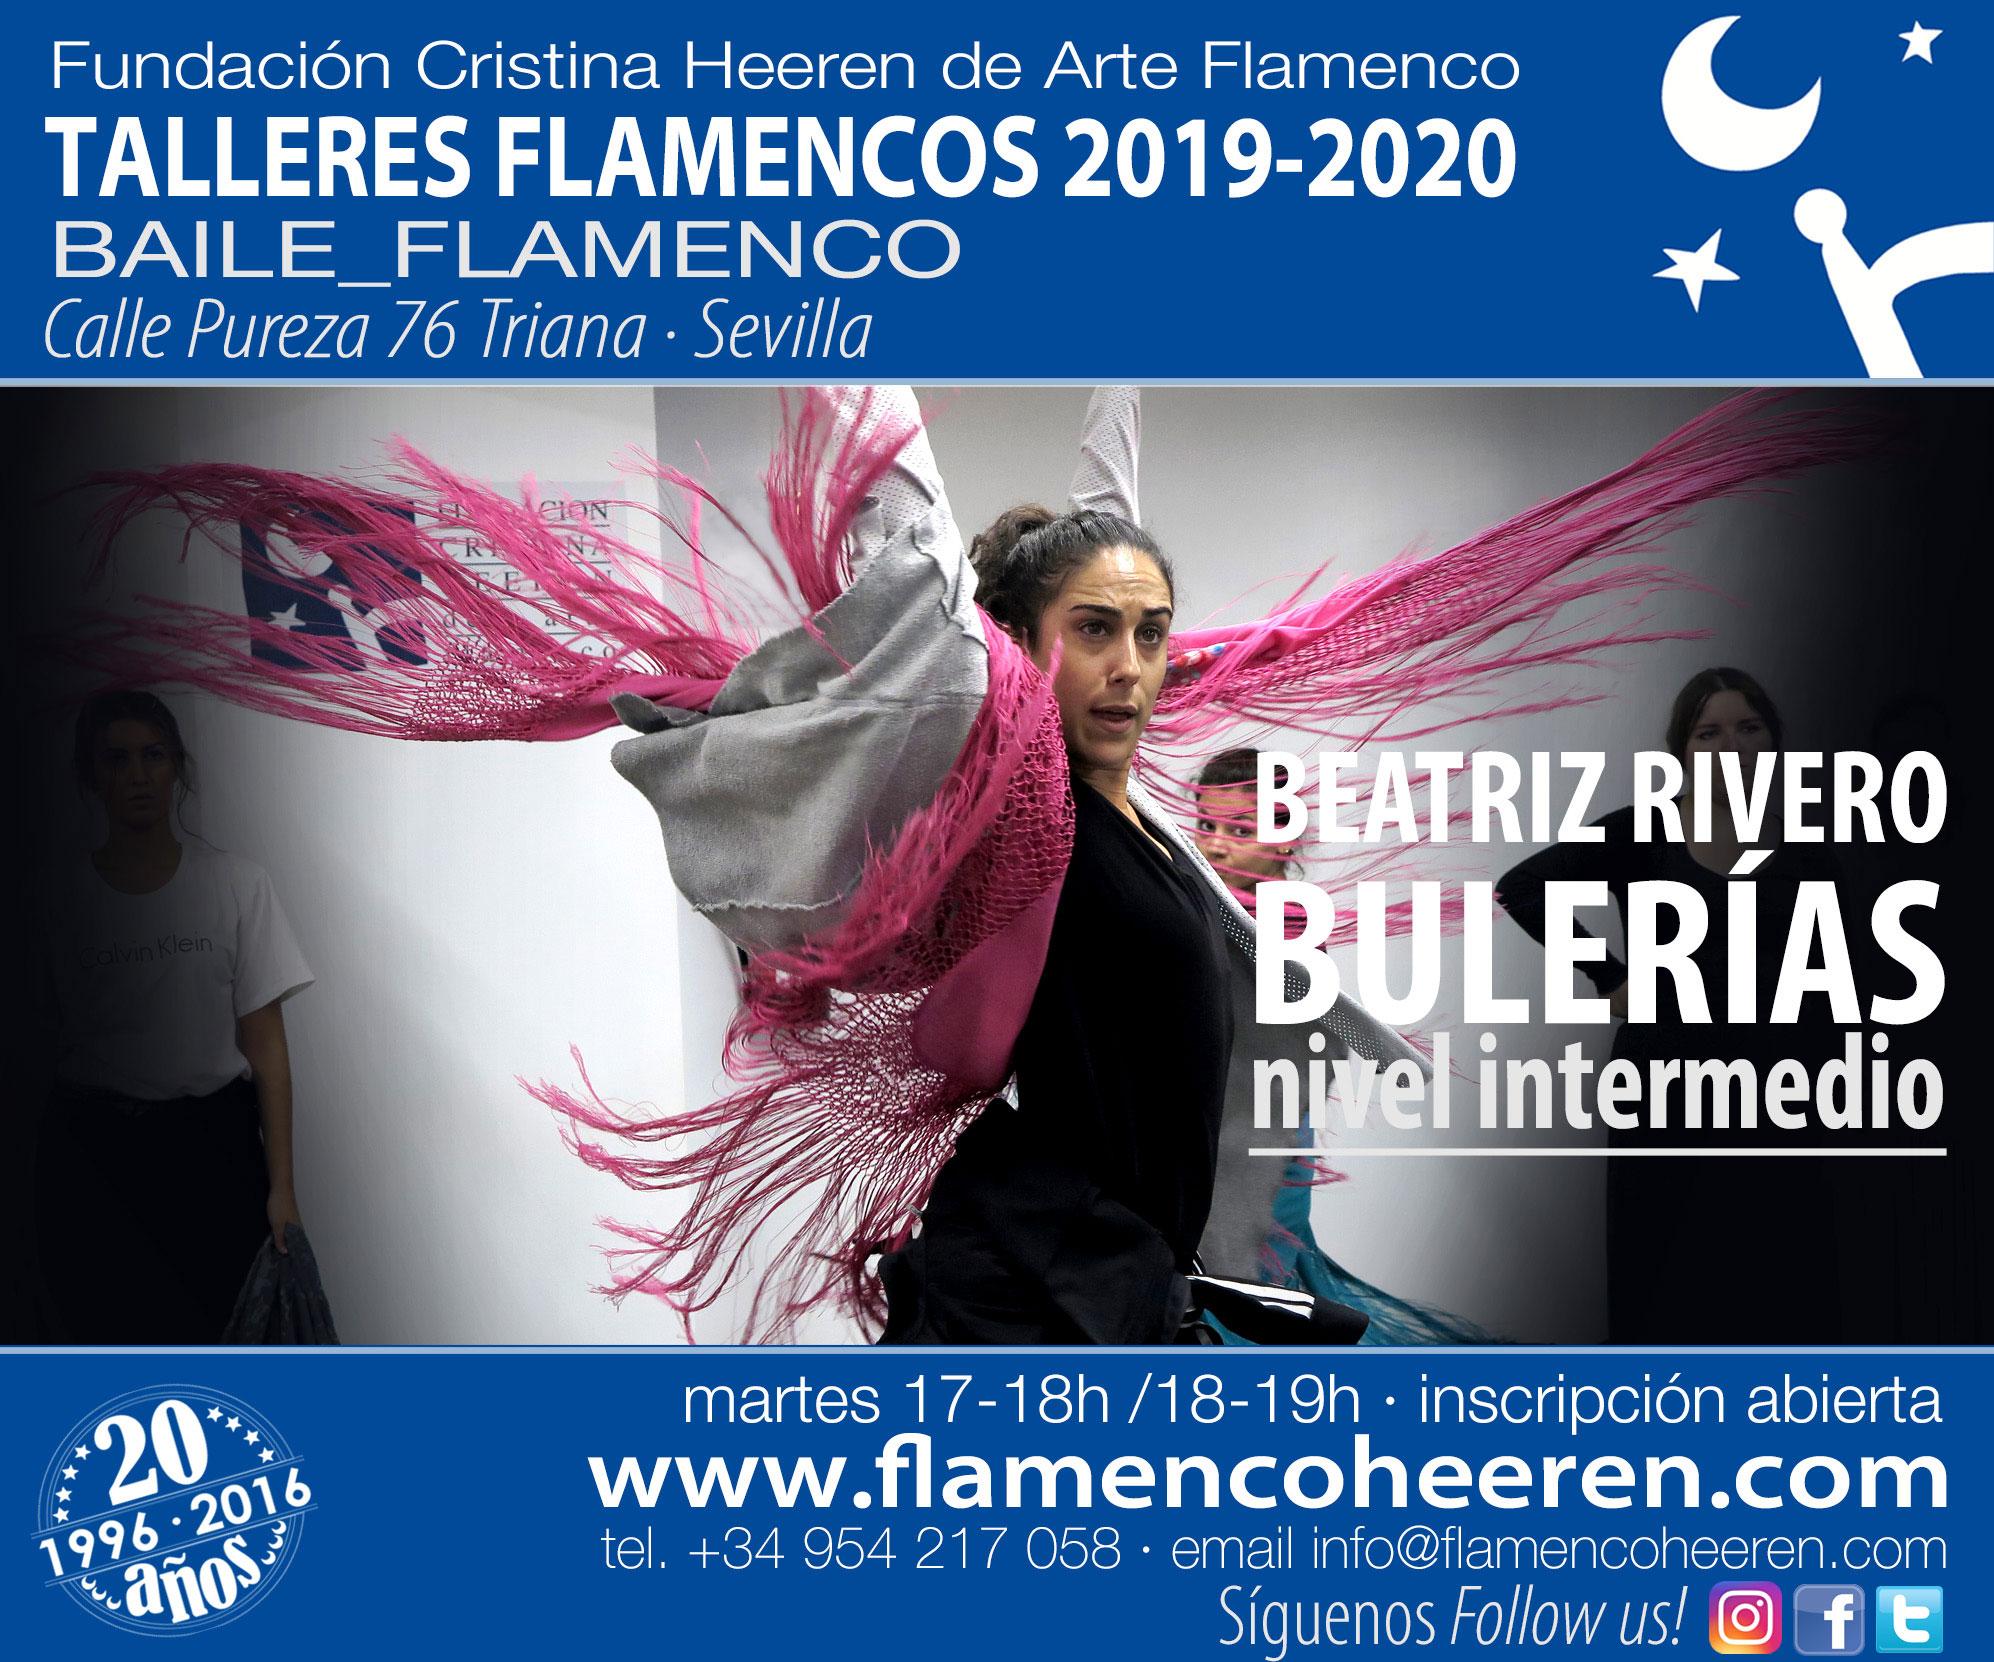 Beatriz Rivero - Bulerías - Talleres flamencos Fundación Cristina Heeren